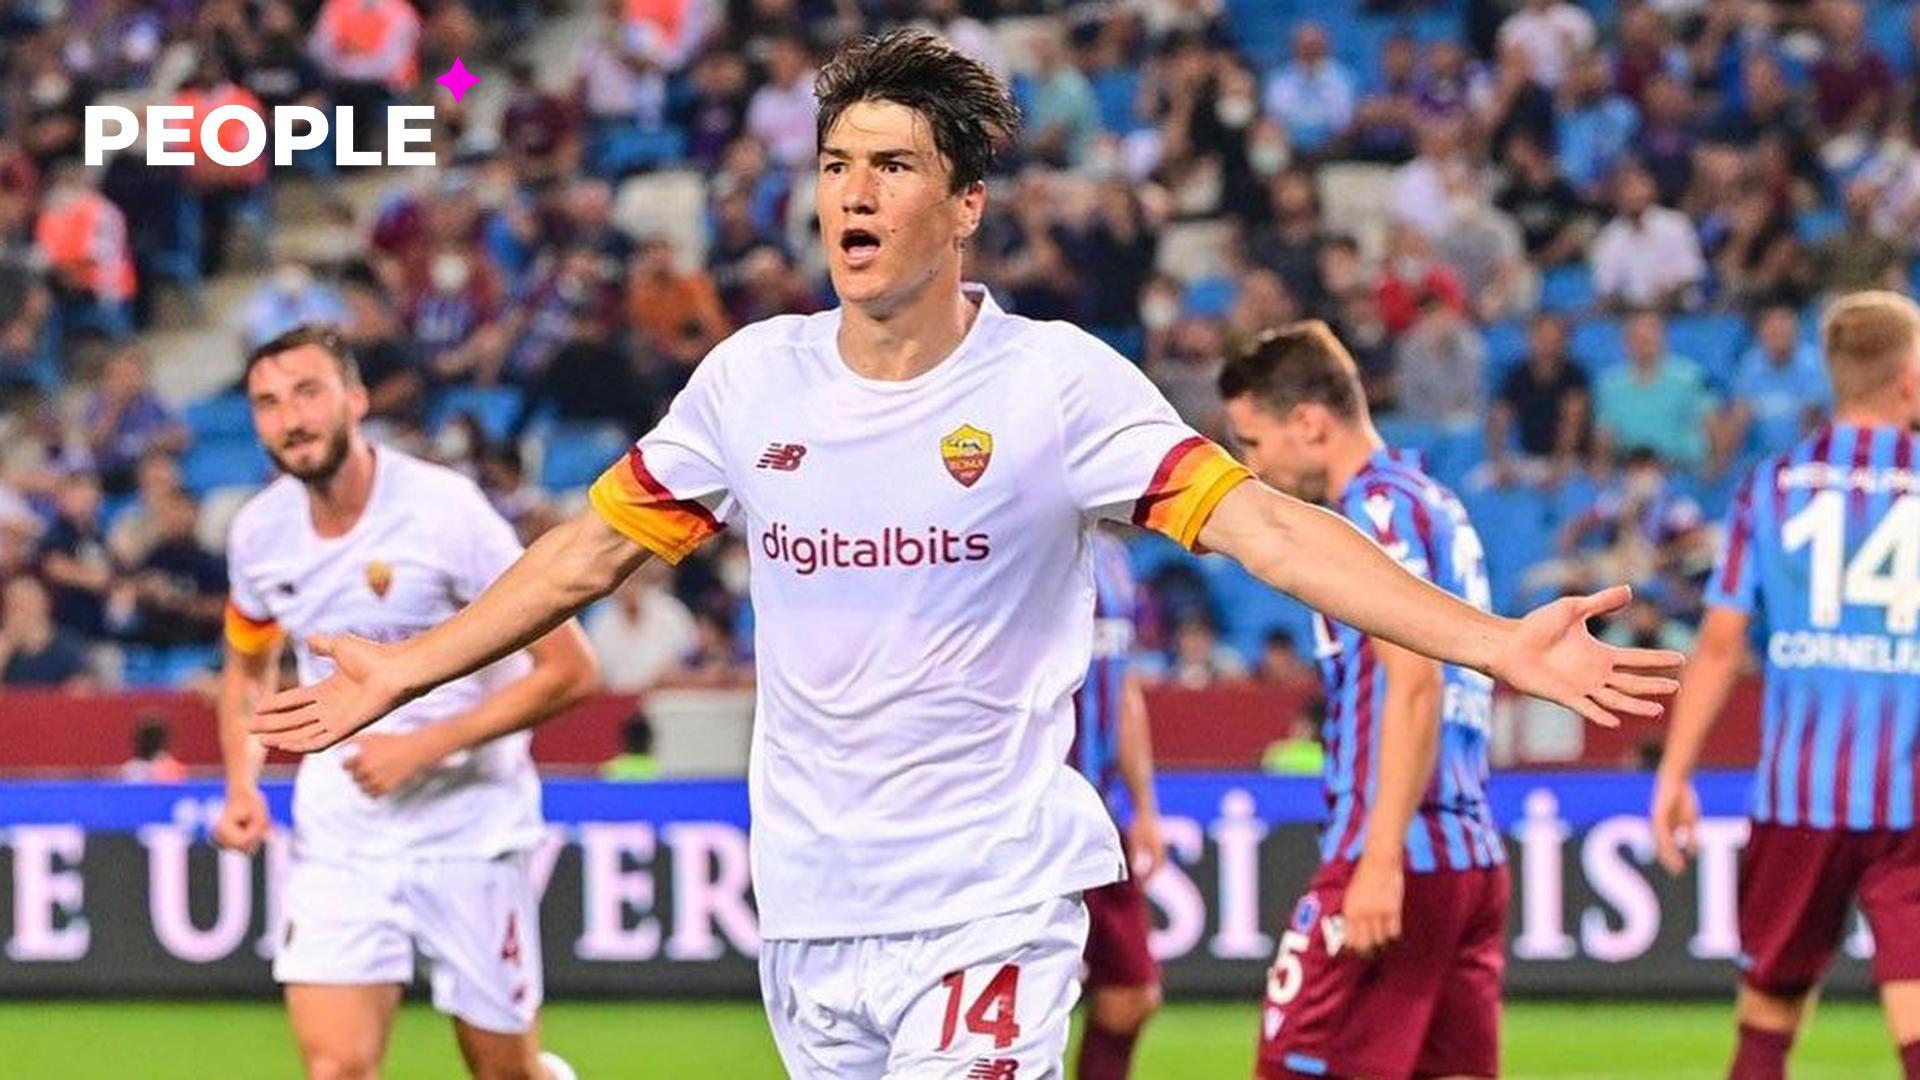 Эльдор Шомуродов посвятил победный гол своей бабушке в первом официальном матче за «Рому»